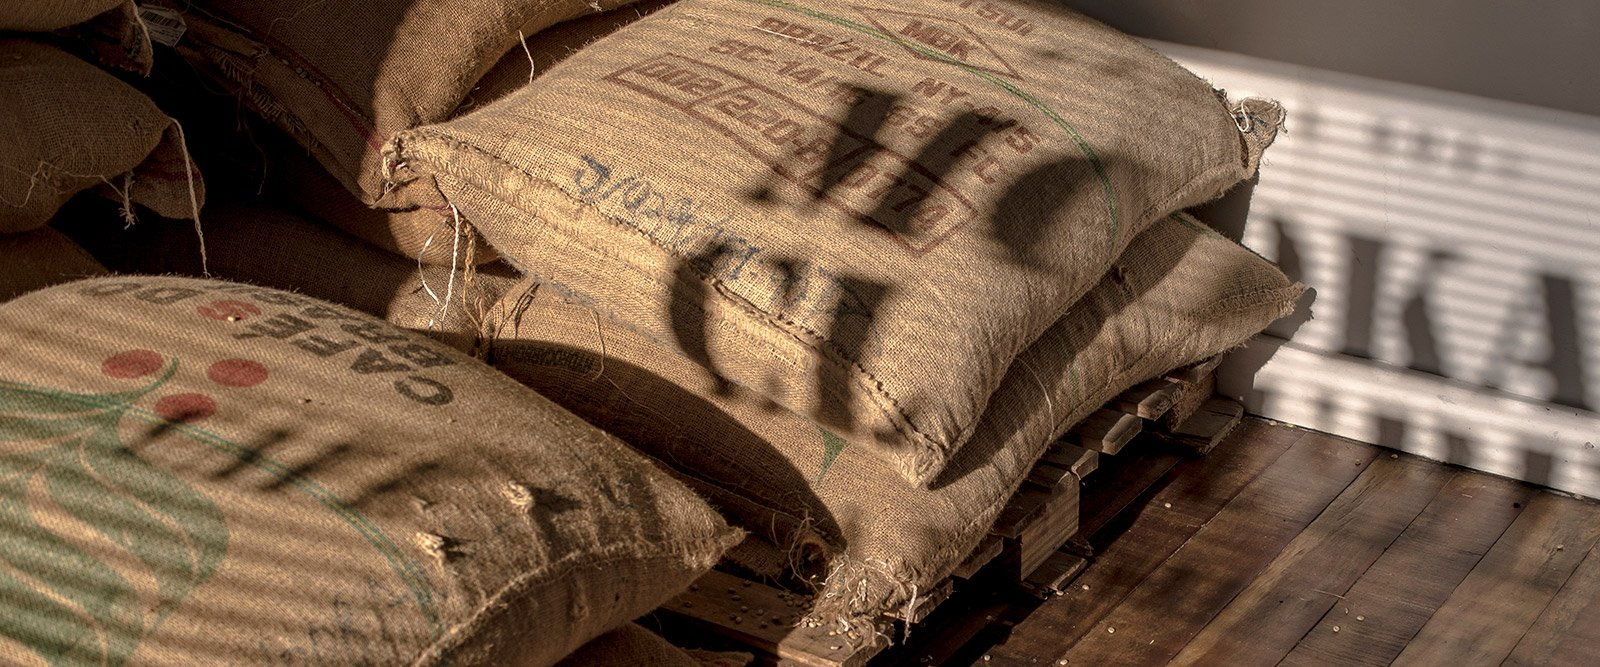 Conheça os melhores cafés do Brasil!